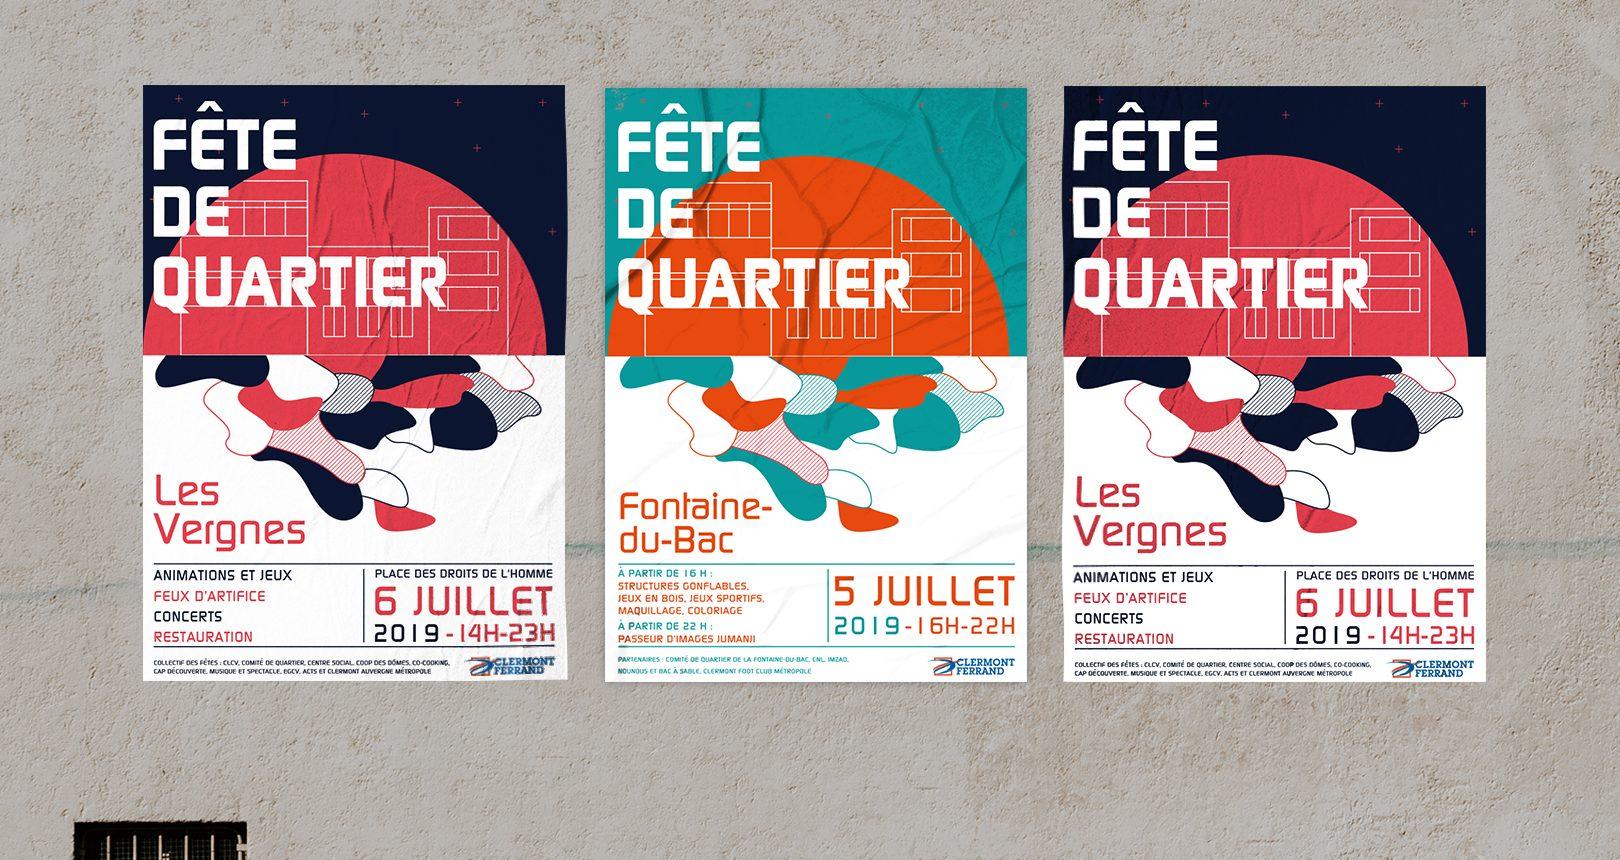 Affiche Fête de quartier, Ville de Clermont Ferrand